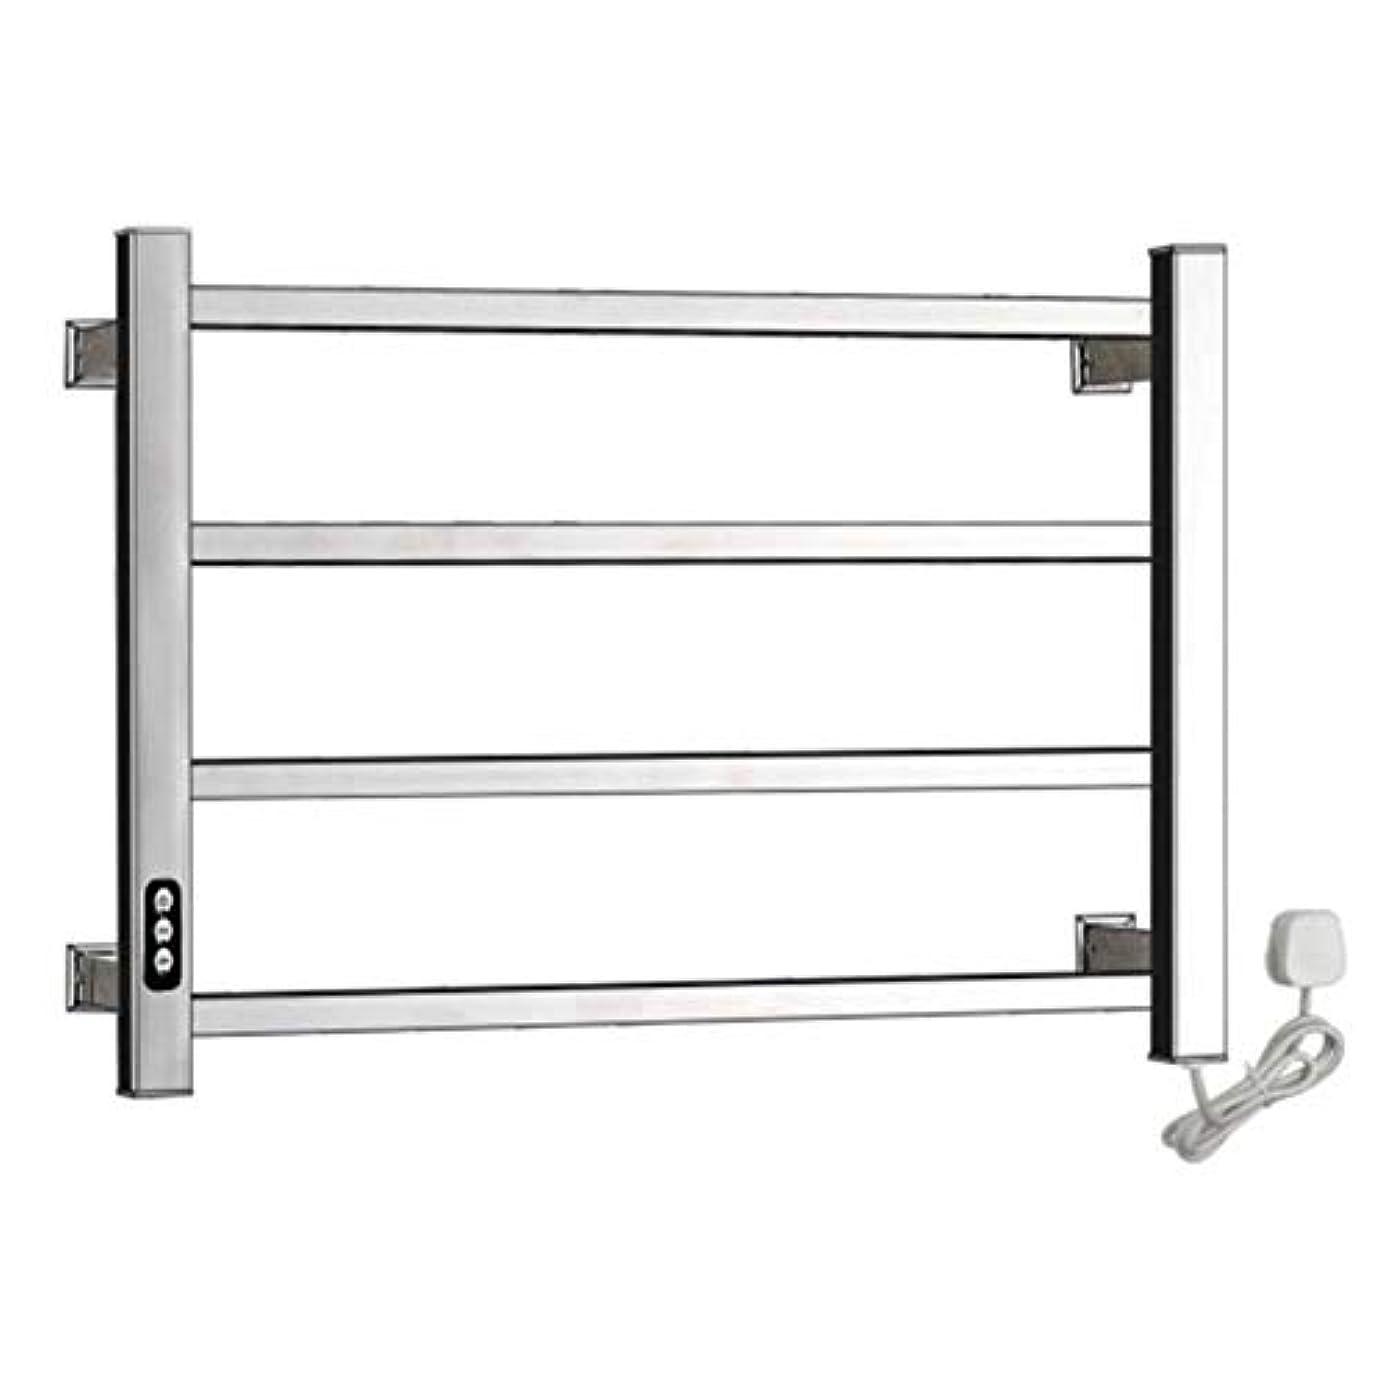 シェーバーデンプシー郵便屋さん304ステンレス鋼電気タオルウォーマー、加熱タオルラックラジエーター、壁掛け式浴室乾燥ラック、恒温乾燥、防水および防錆、450X600X110mm